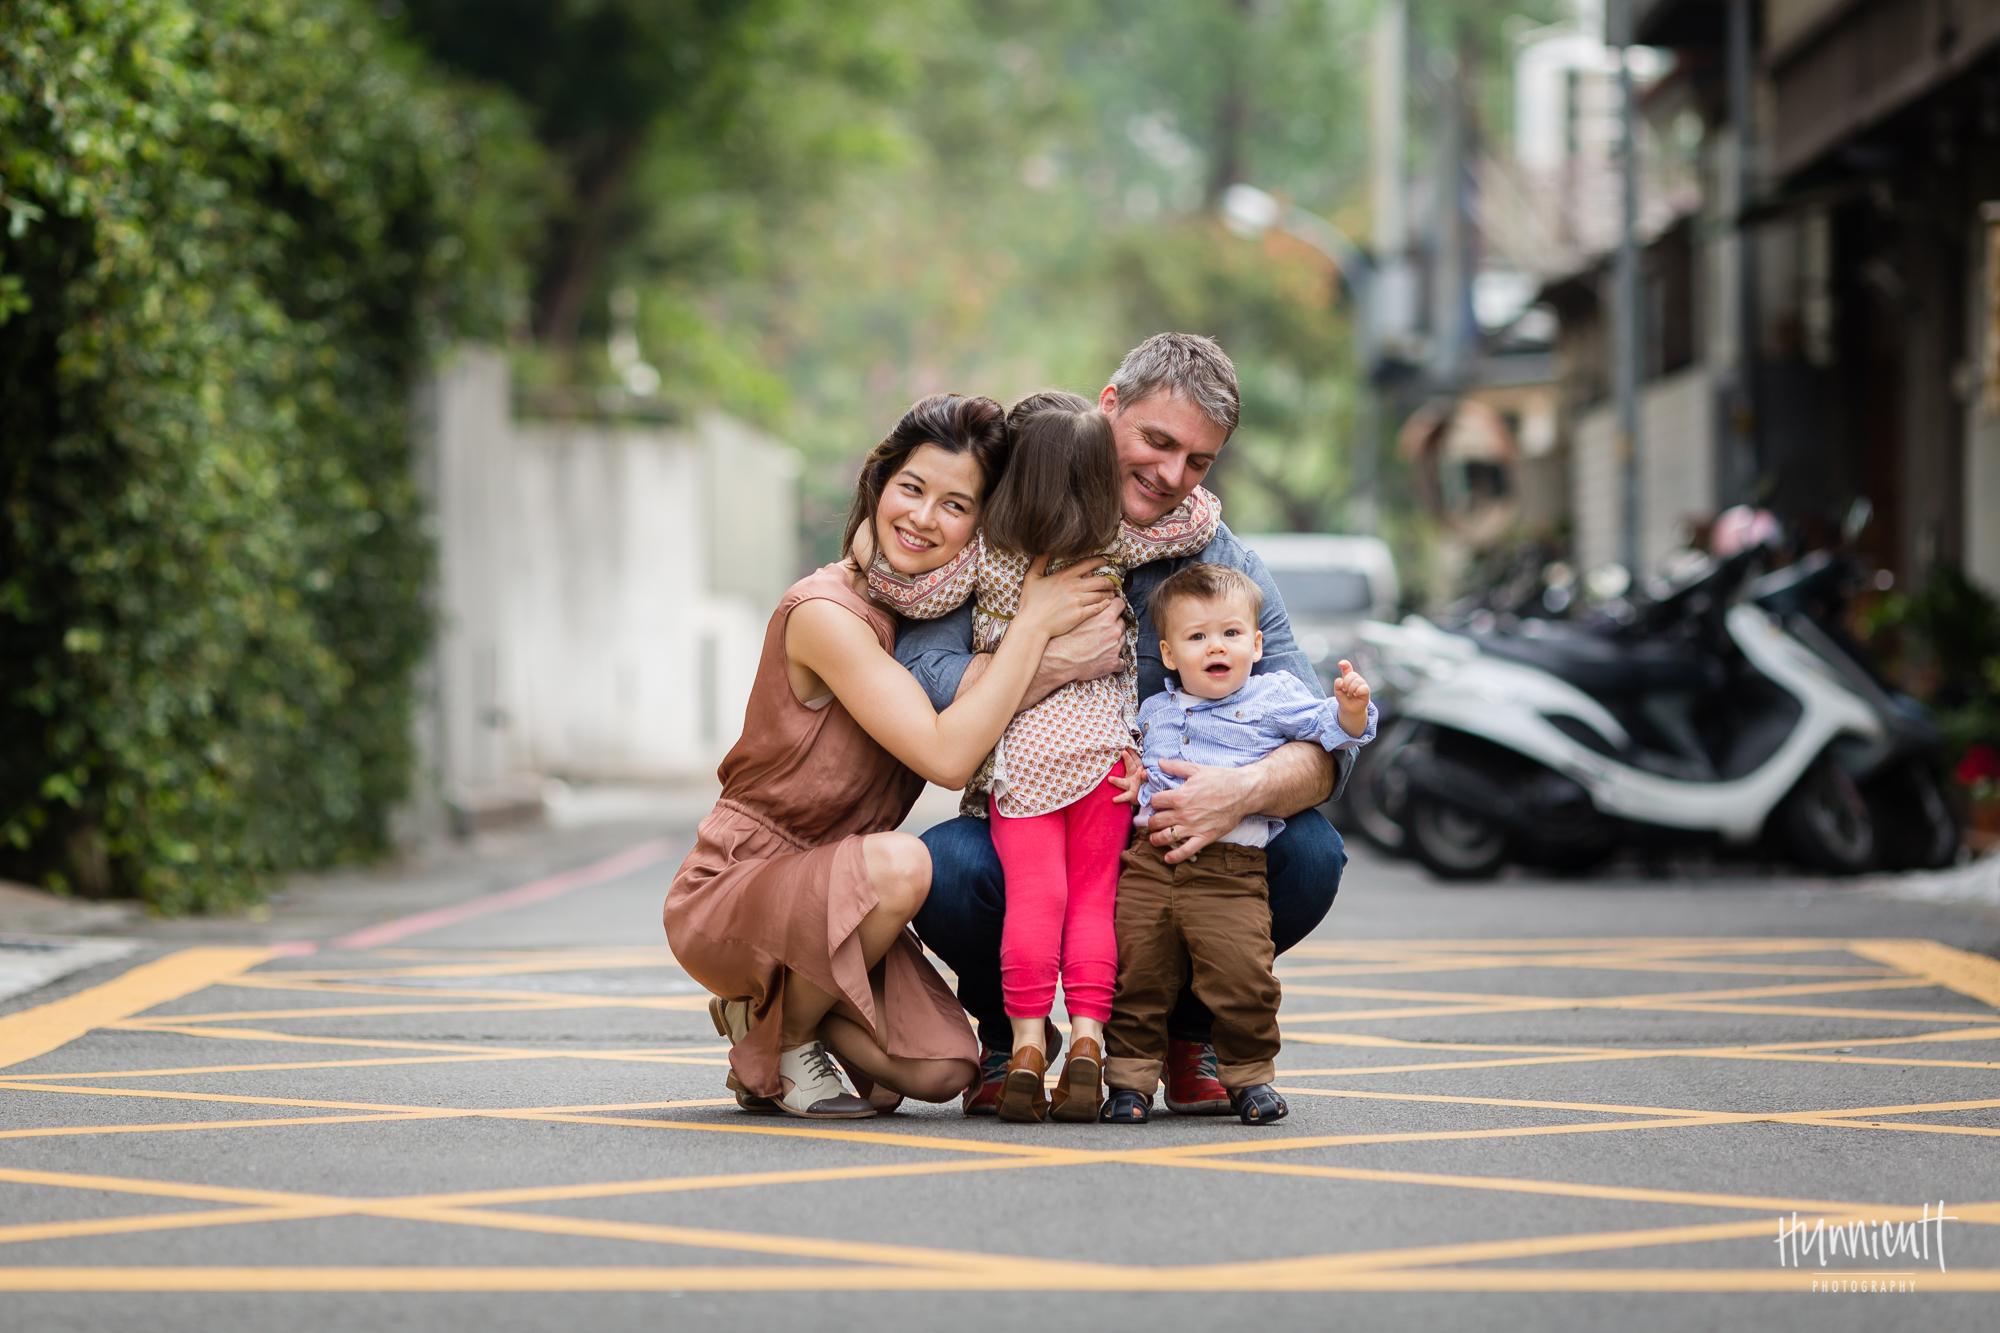 Taiwan-Urban-Lifestle-Duck-Family-HunnicuttPHotography-19